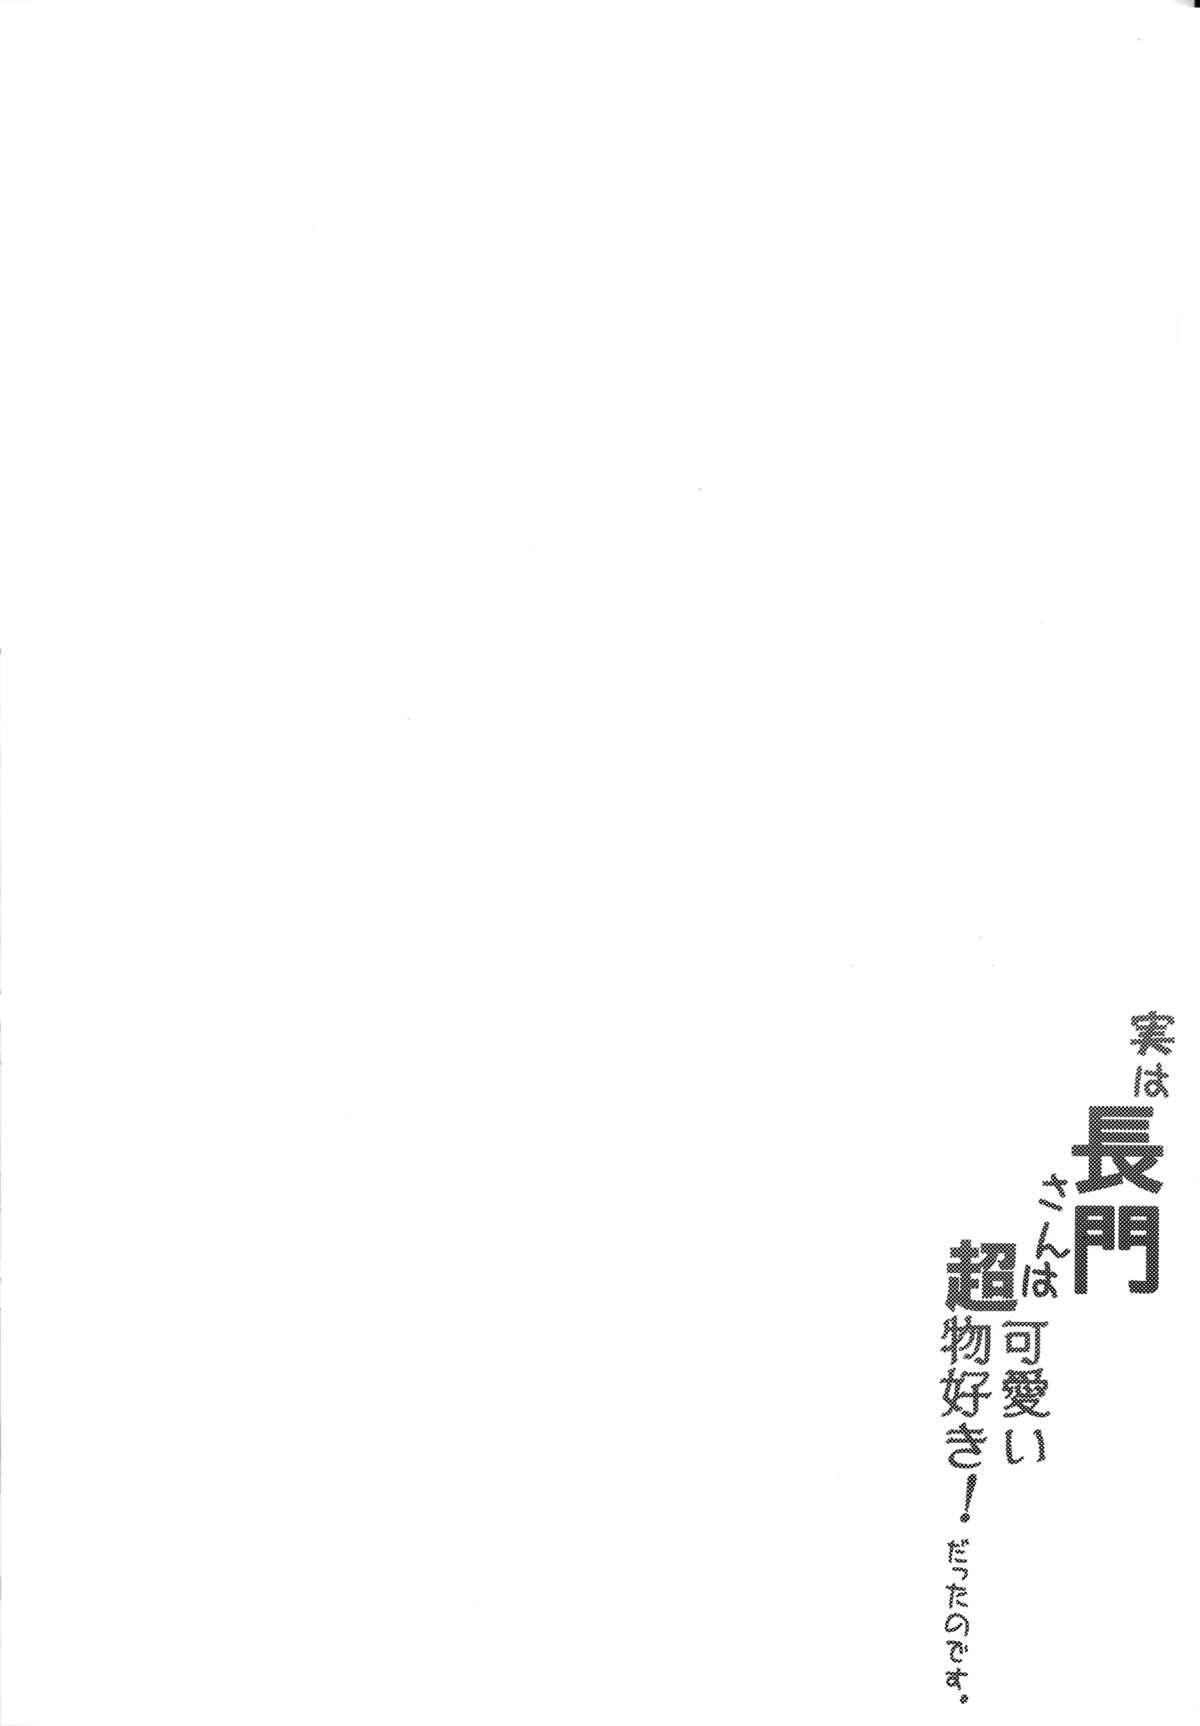 Jitsu wa Nagato-san wa Chou Kawaii Mono Suki! Datta no desu. 2